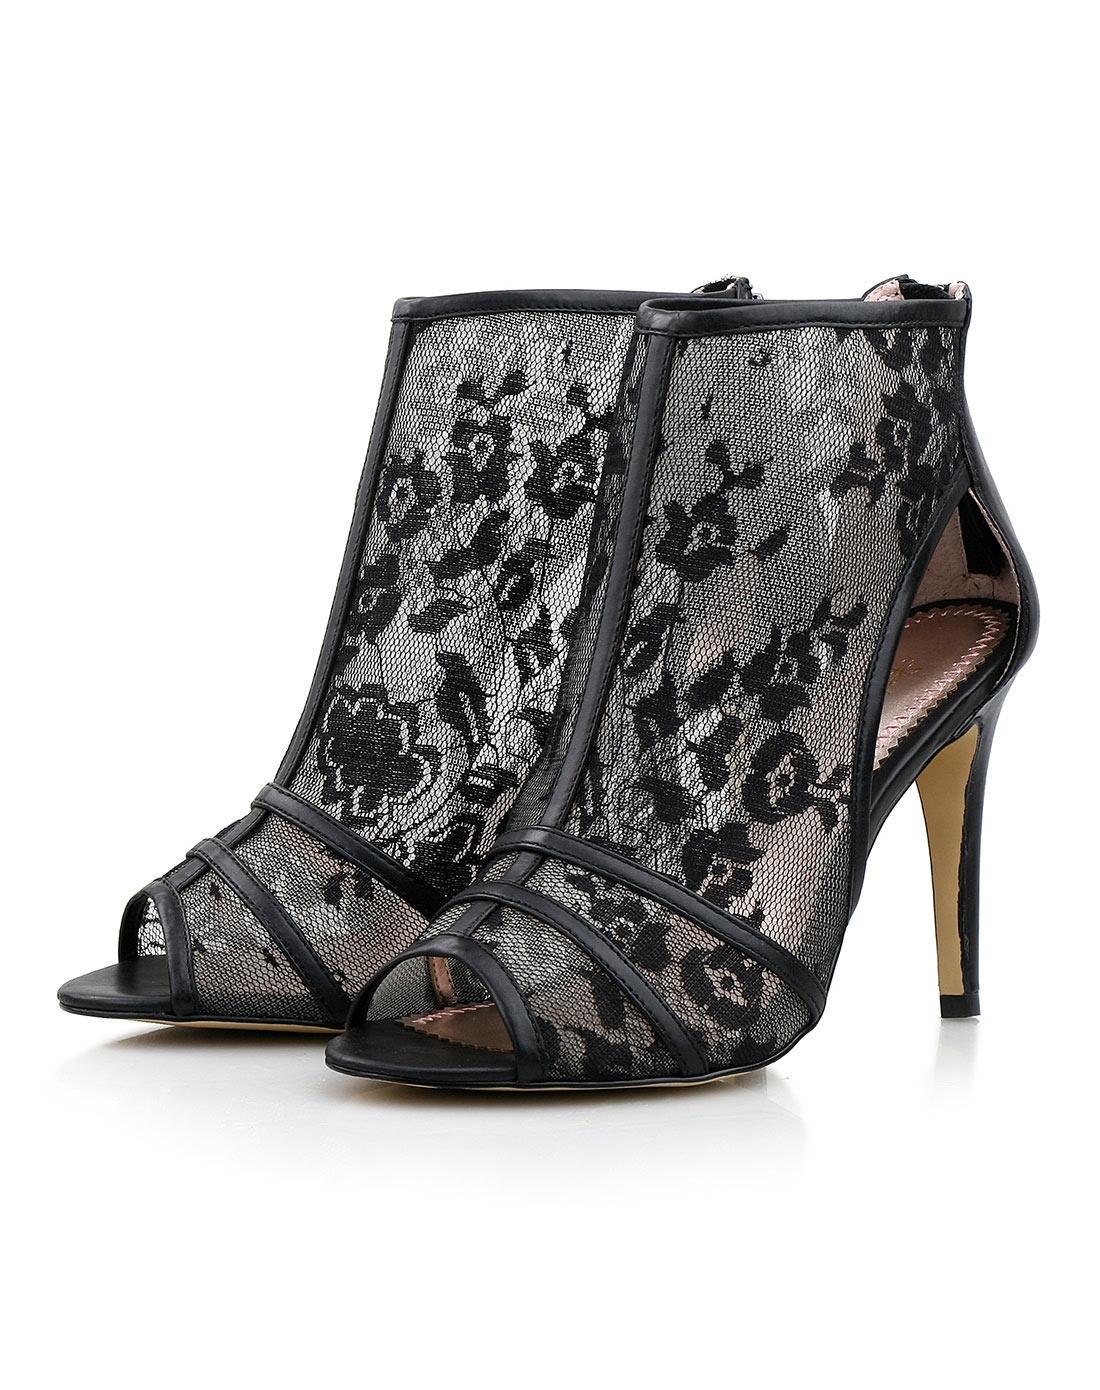 黑色网布花纹凉鞋81127030221